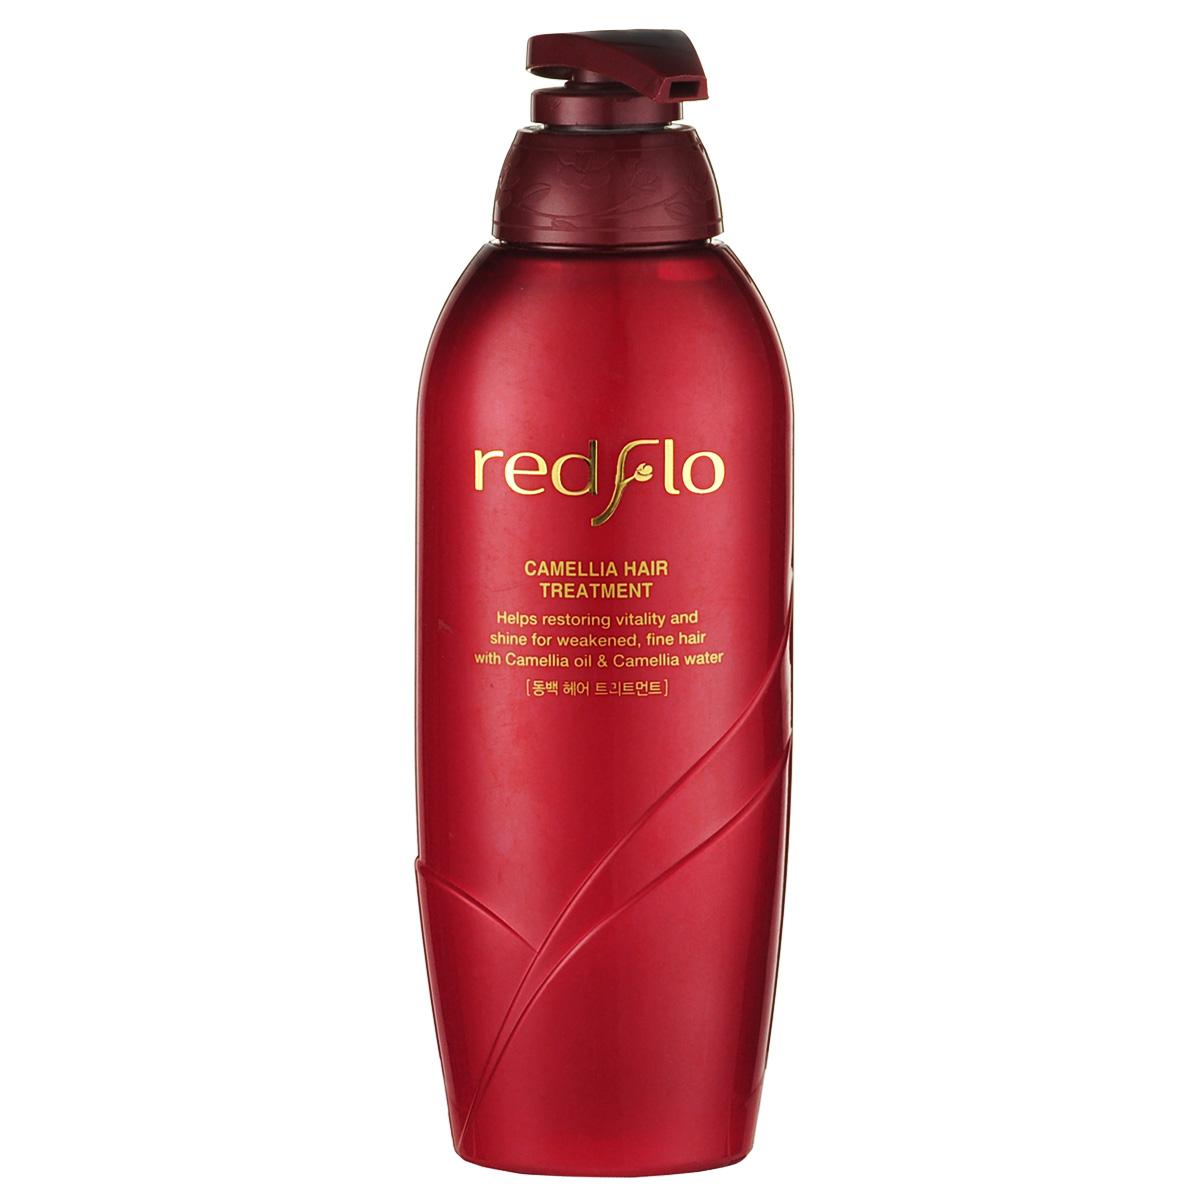 Somang Redflo Маска для волос, 500 млFS-00897Превосходное средство для ухода за окрашенными волосами. Делает волосы сверкающими и здоровыми. Придаёт живость цветам. Снабжает волосы натуральным белком и разглаживает кутикулу. Содержит кератин и масло семян Камелии. Для всех типов волос.